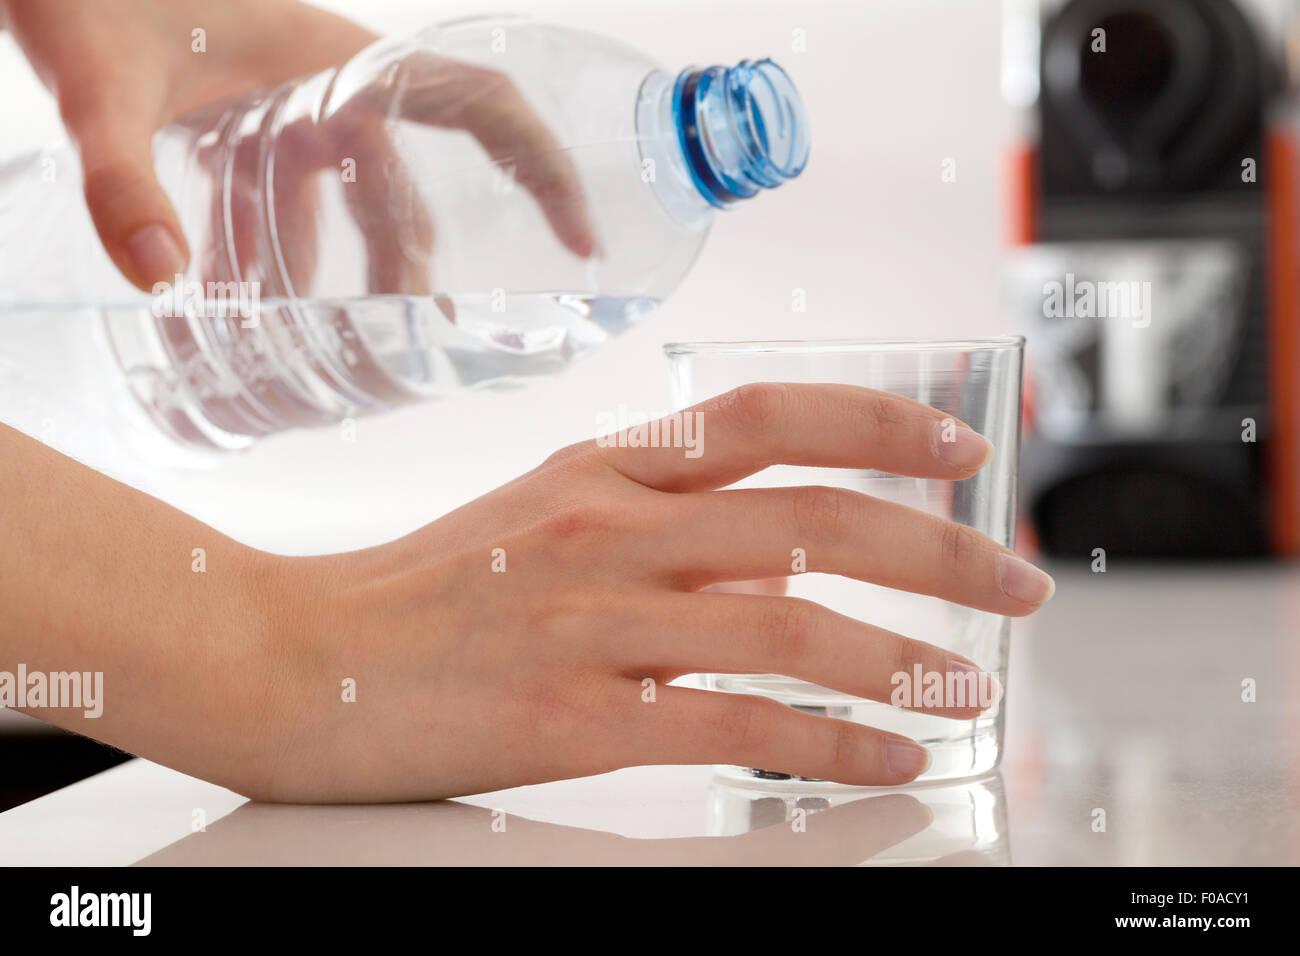 Verser de l'eau en bouteille des mains des femmes dans du verre Photo Stock